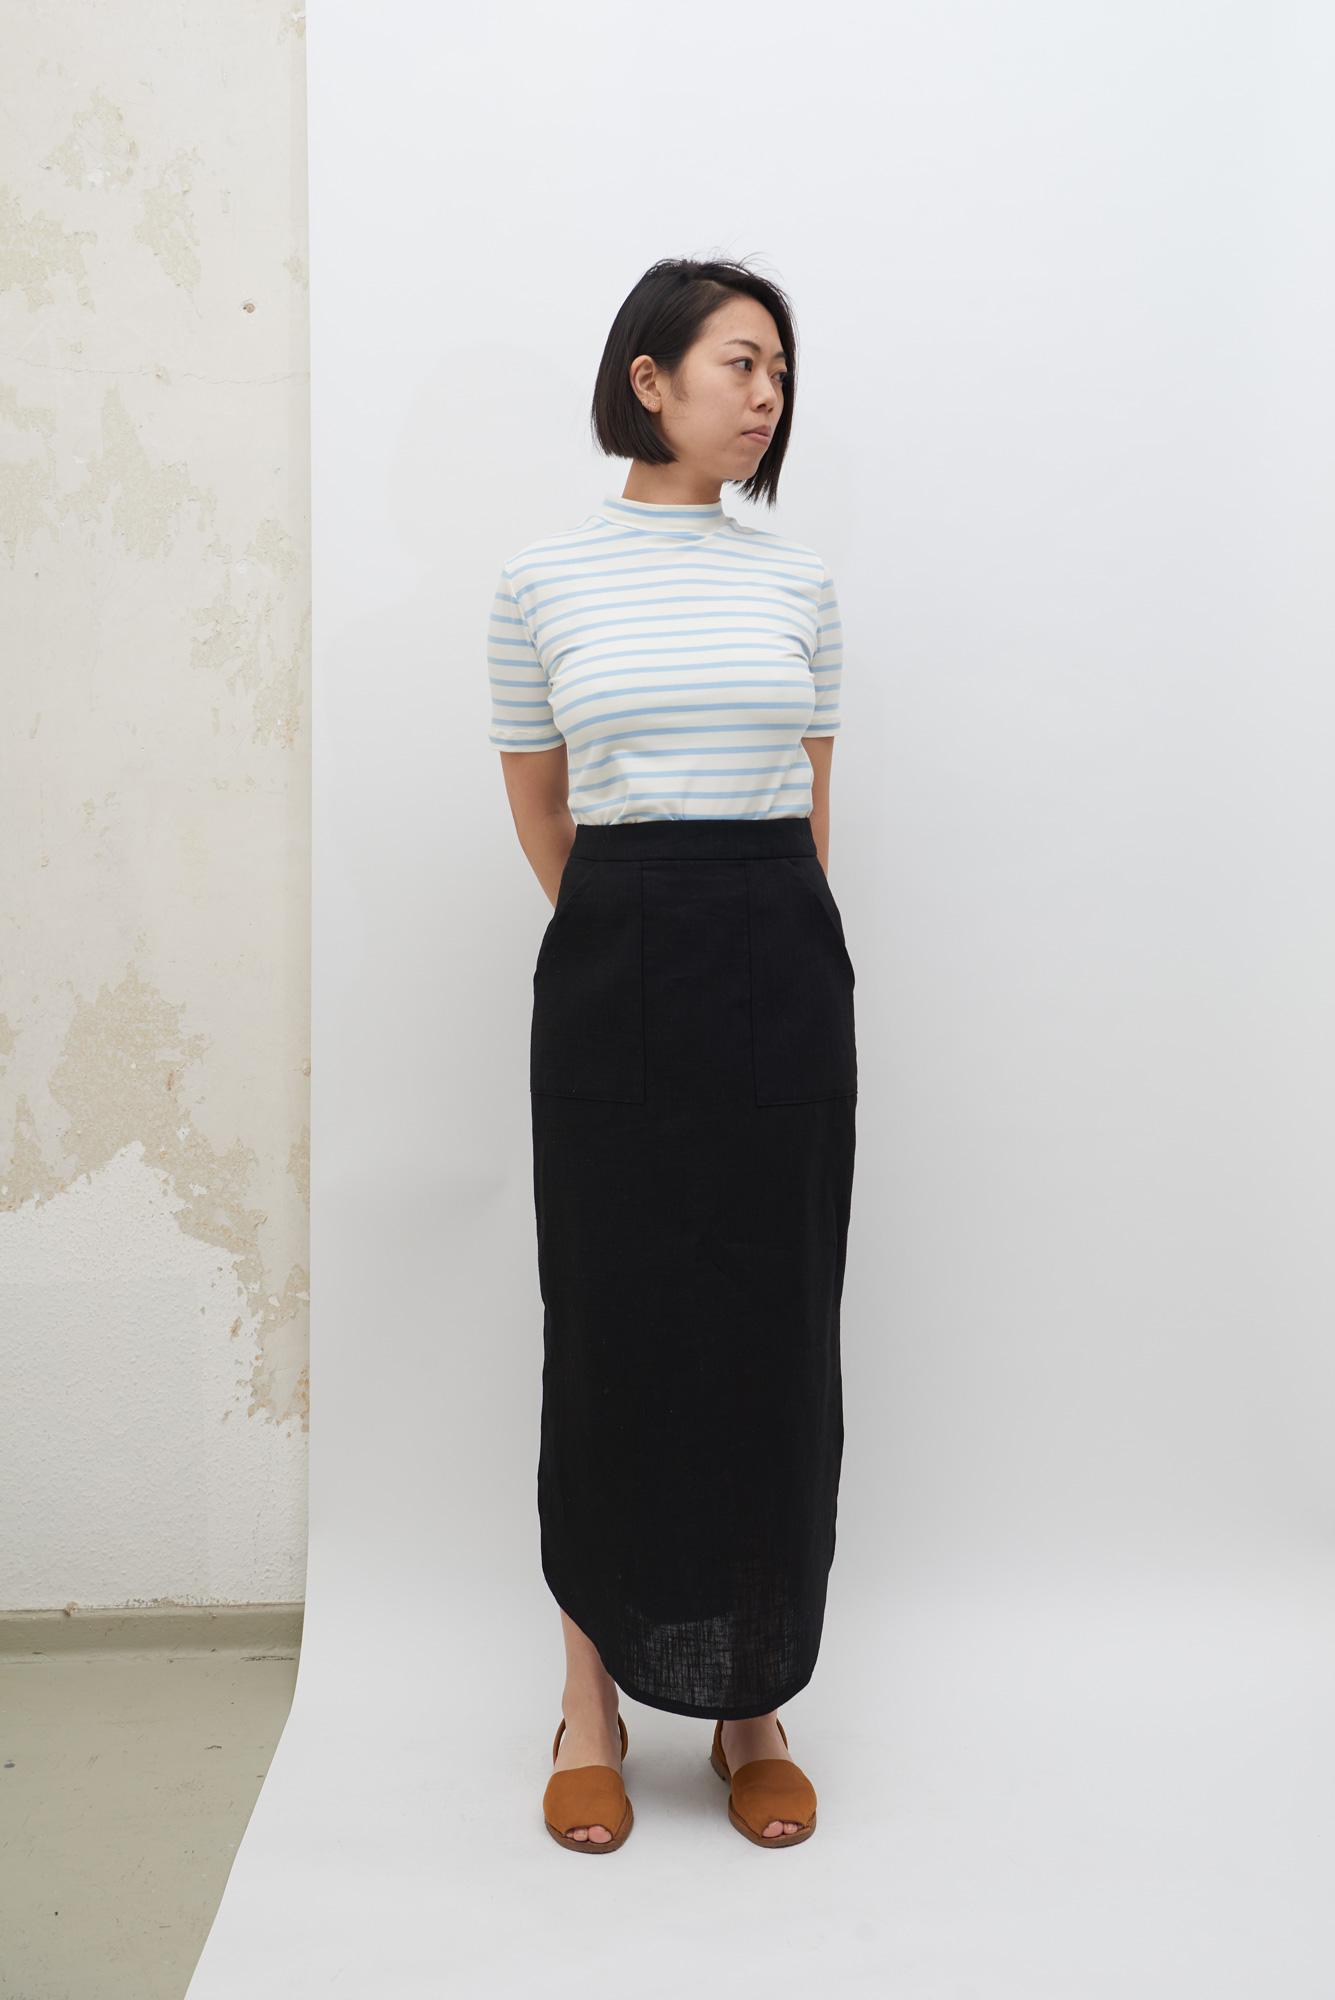 Poketto Skirt - Black